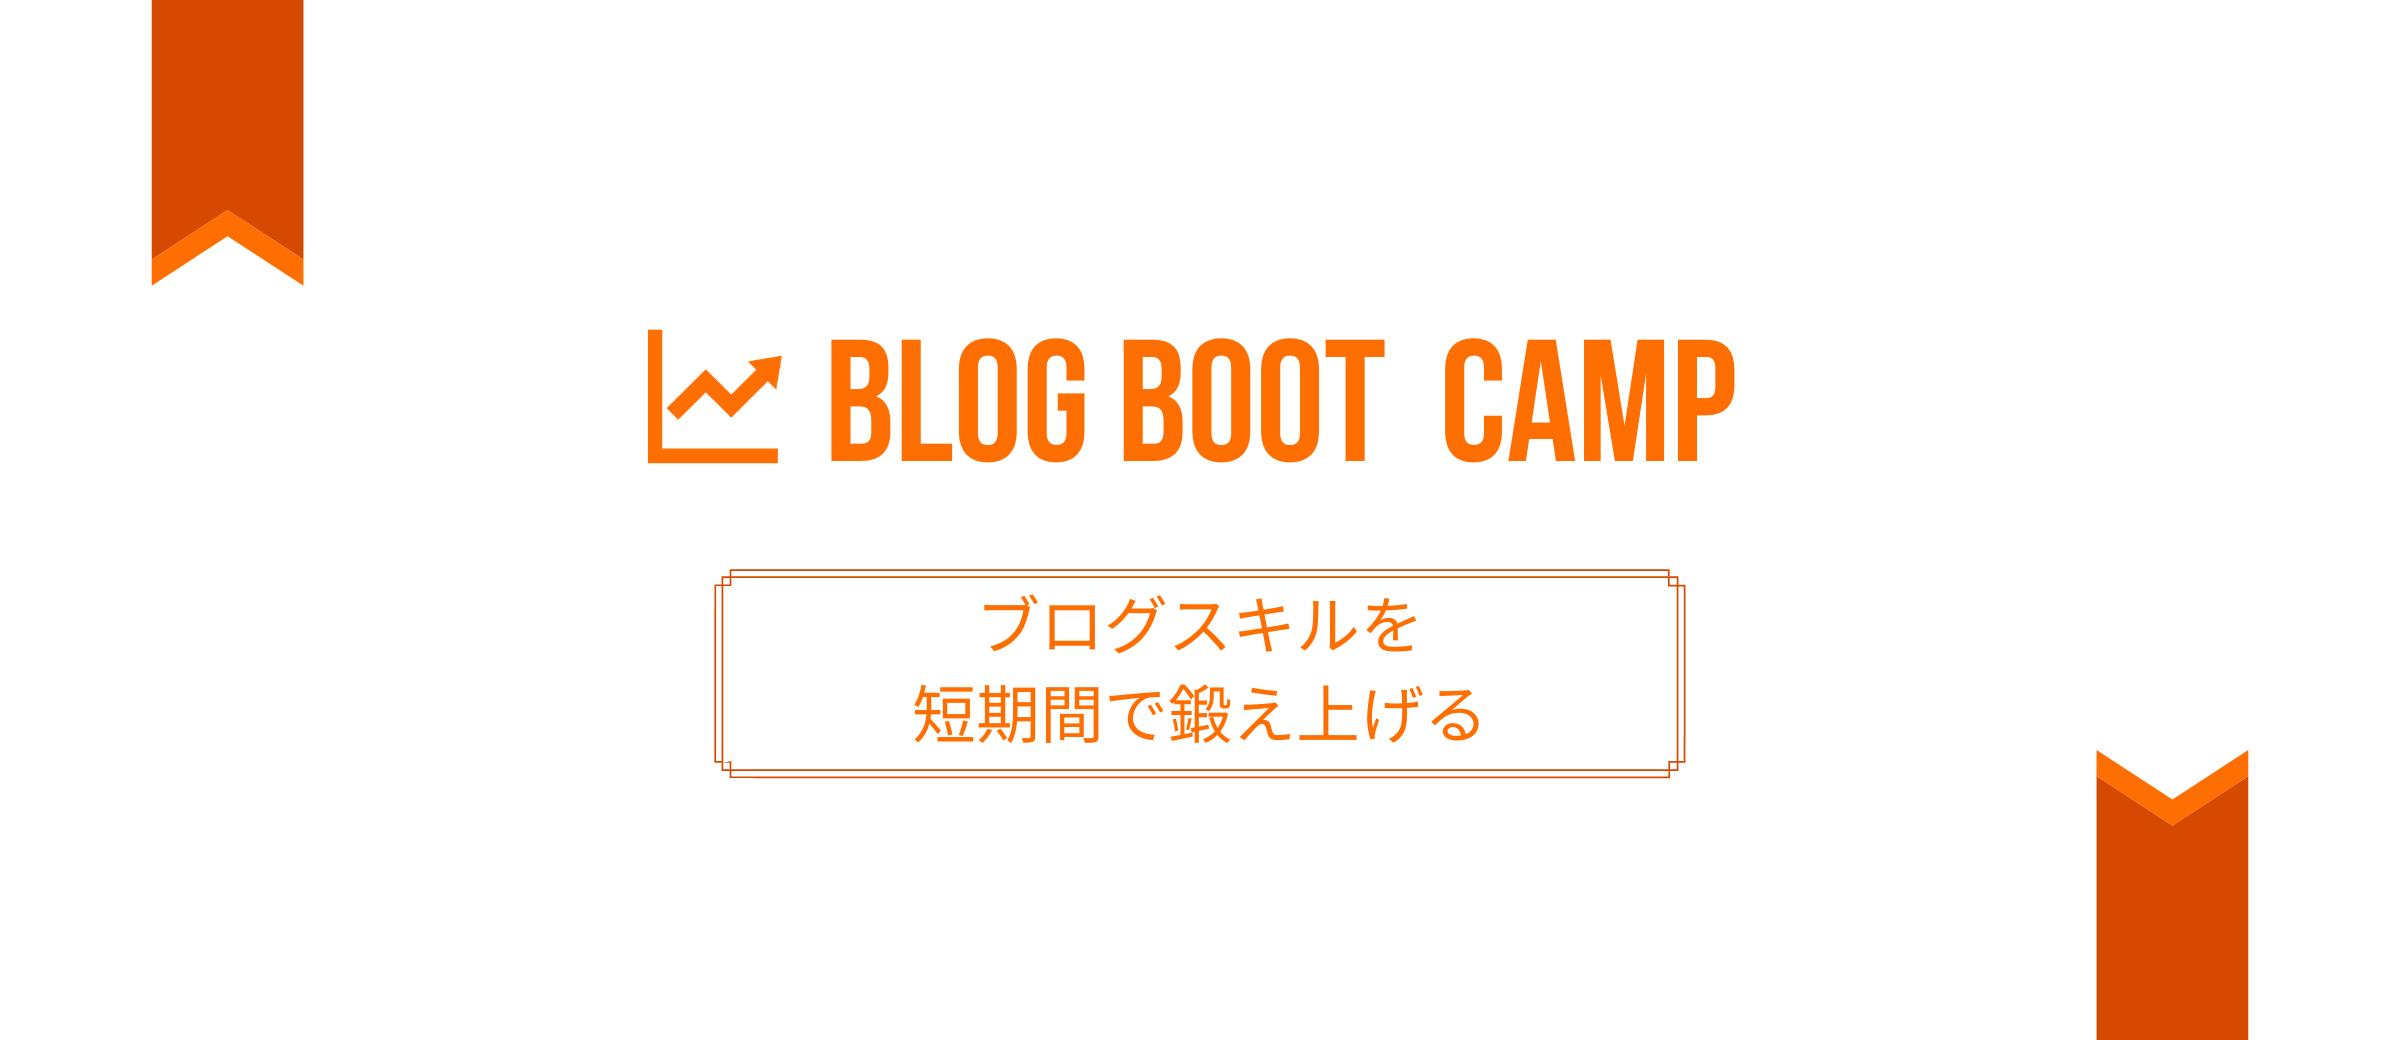 ブログ専門メディア「ブログブートキャンプ」